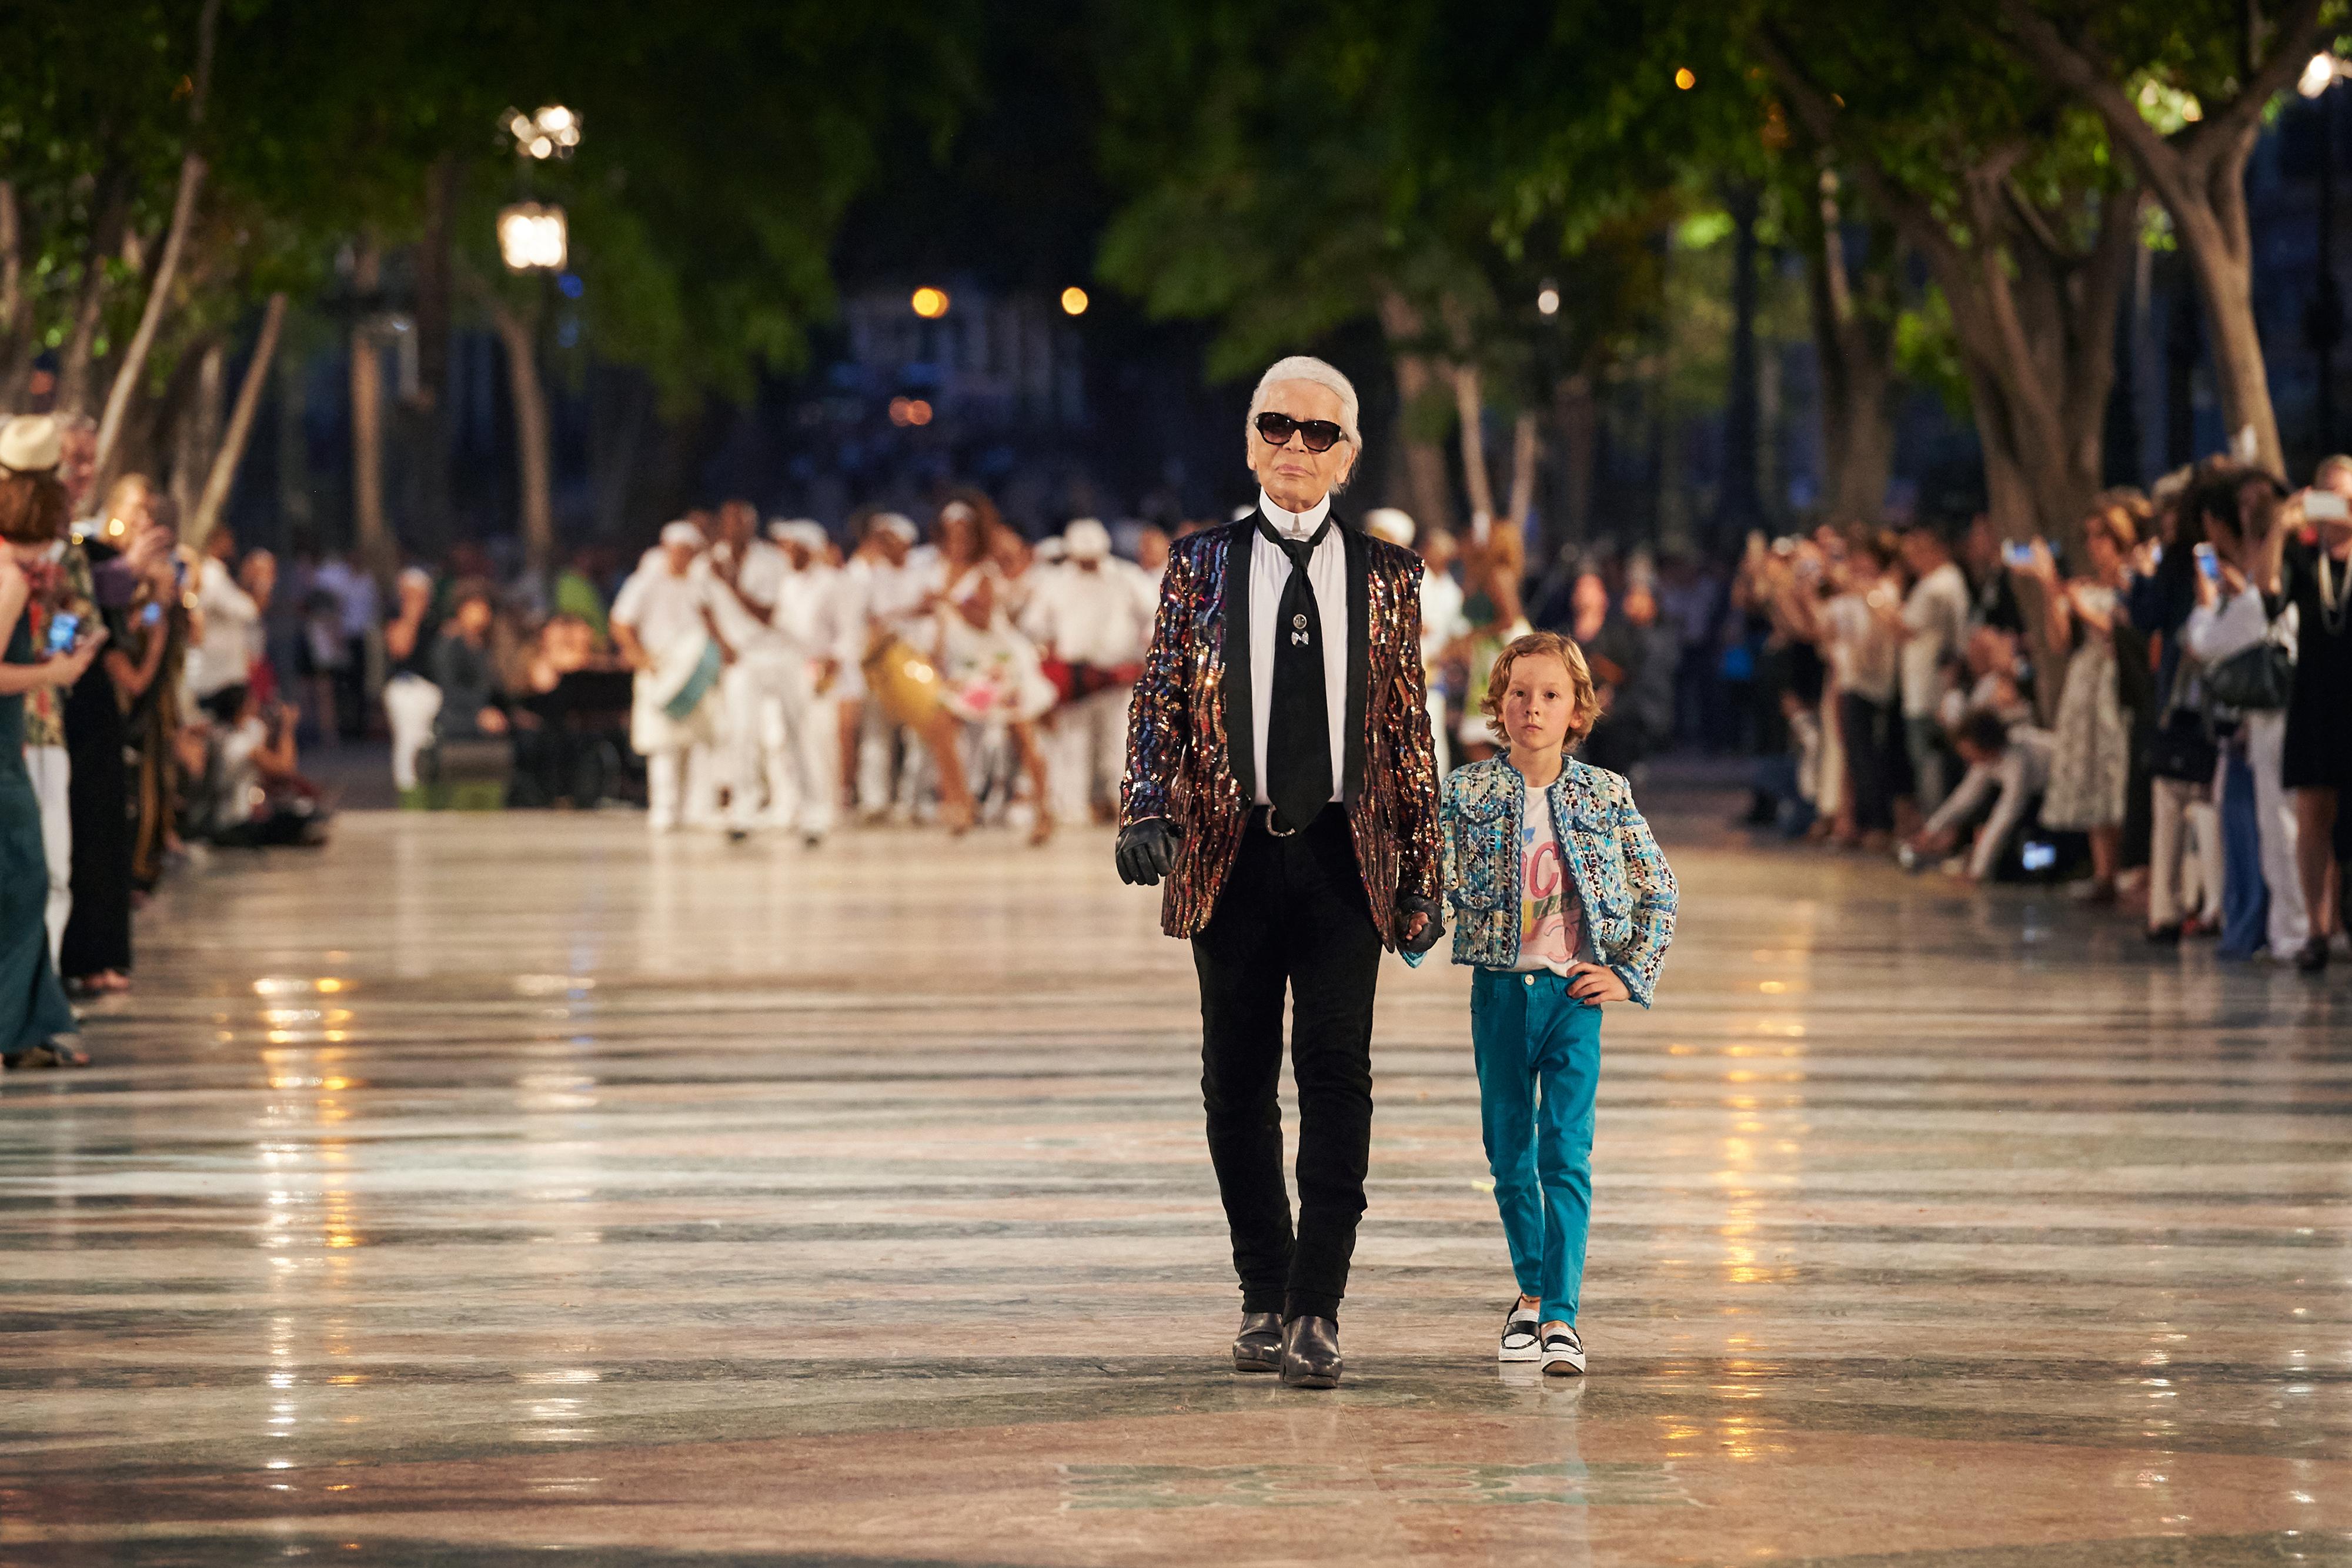 「發明」Cruise/Resort系列的是Coco Chanel,將其發揚光大的卻是Karl Lagerfeld,他甚至是將時裝週期推至一年八個騷的始作俑者。